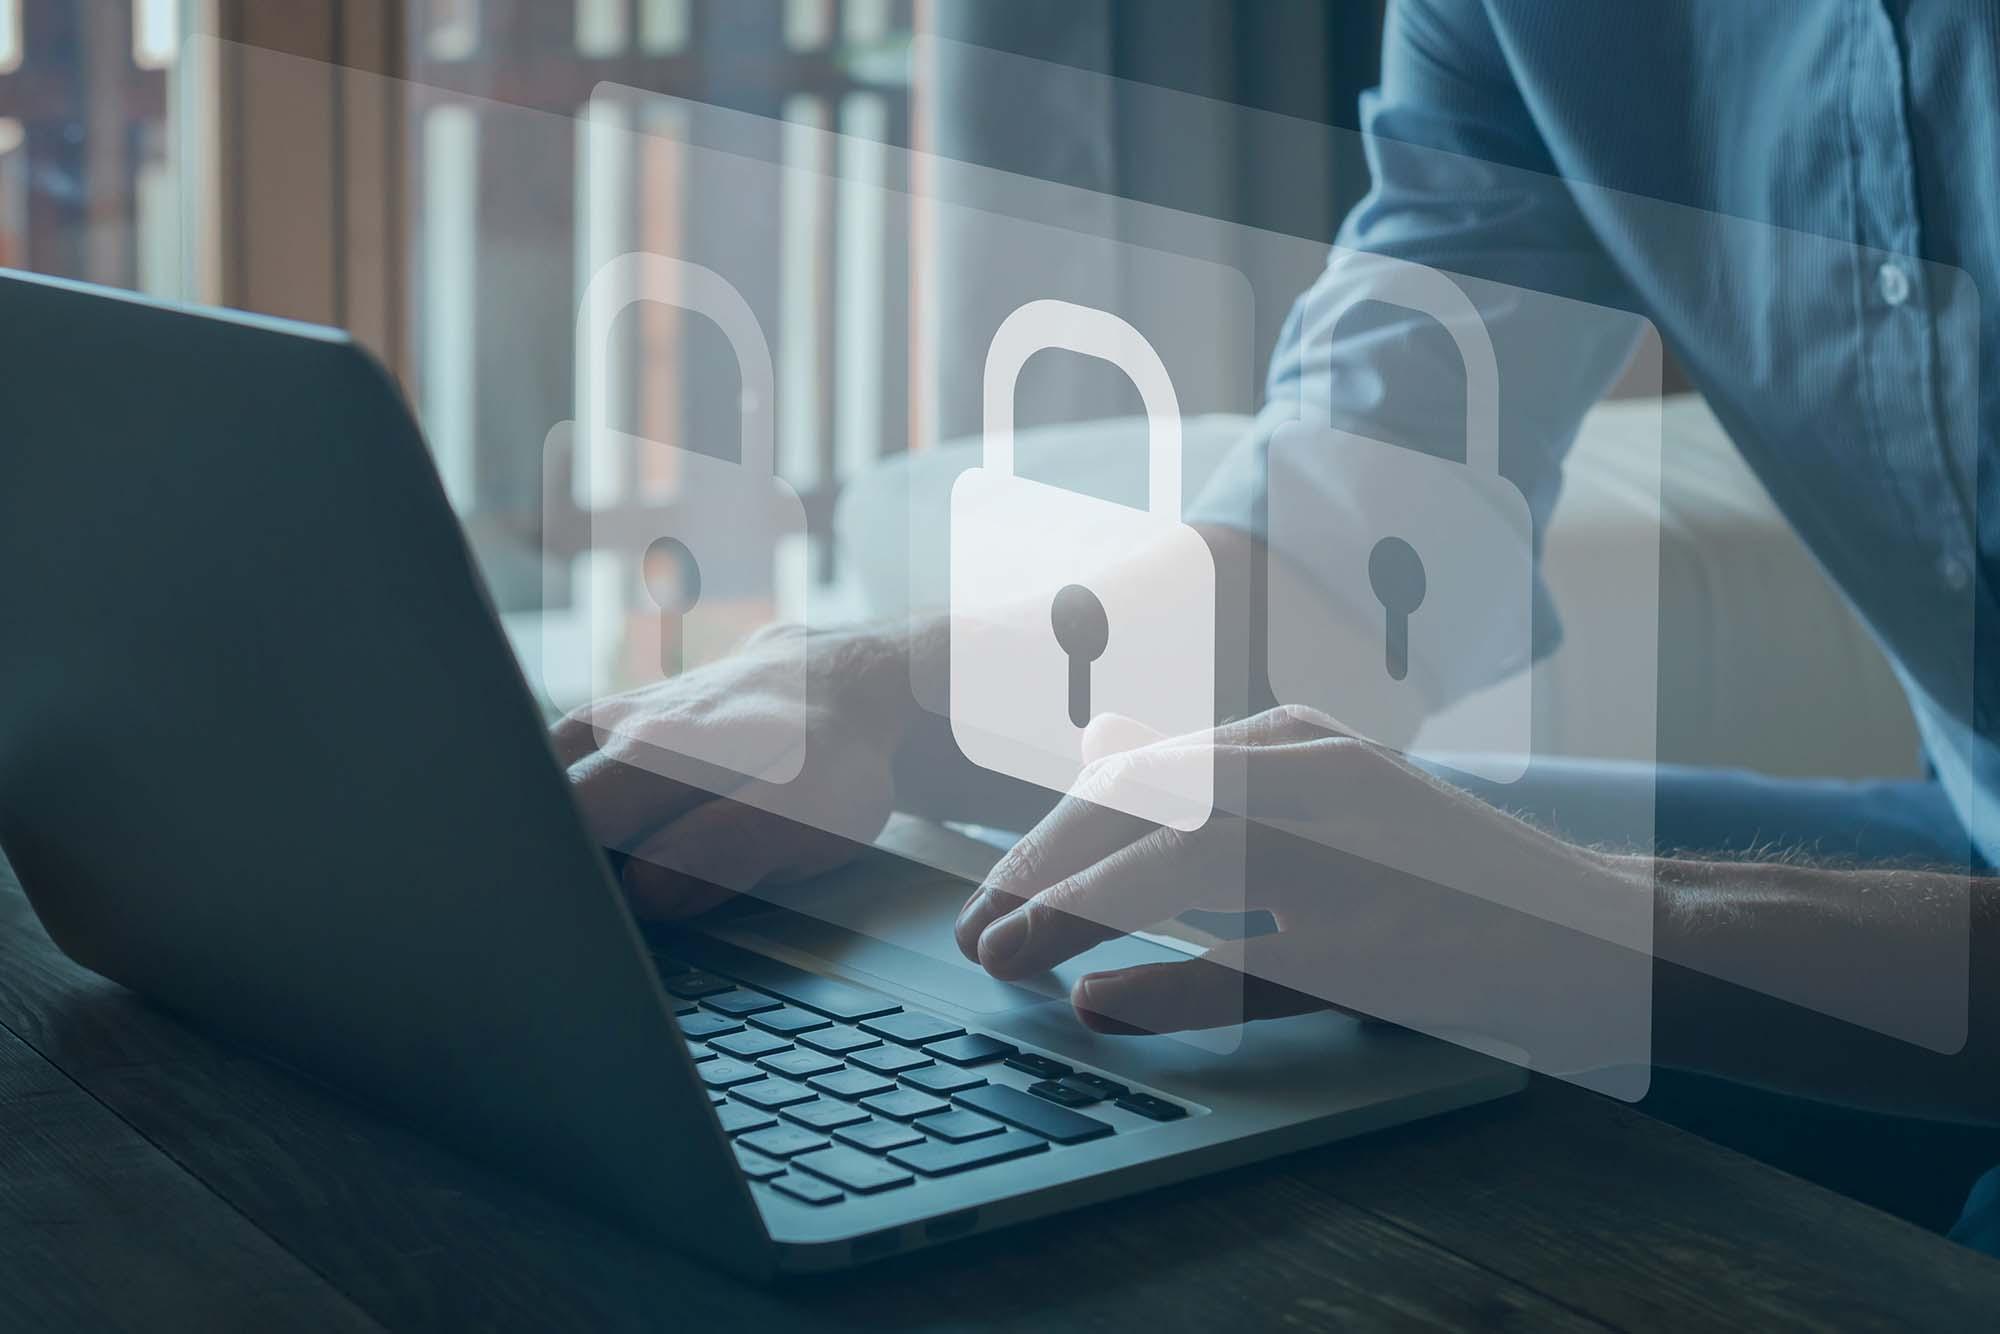 lock screen review